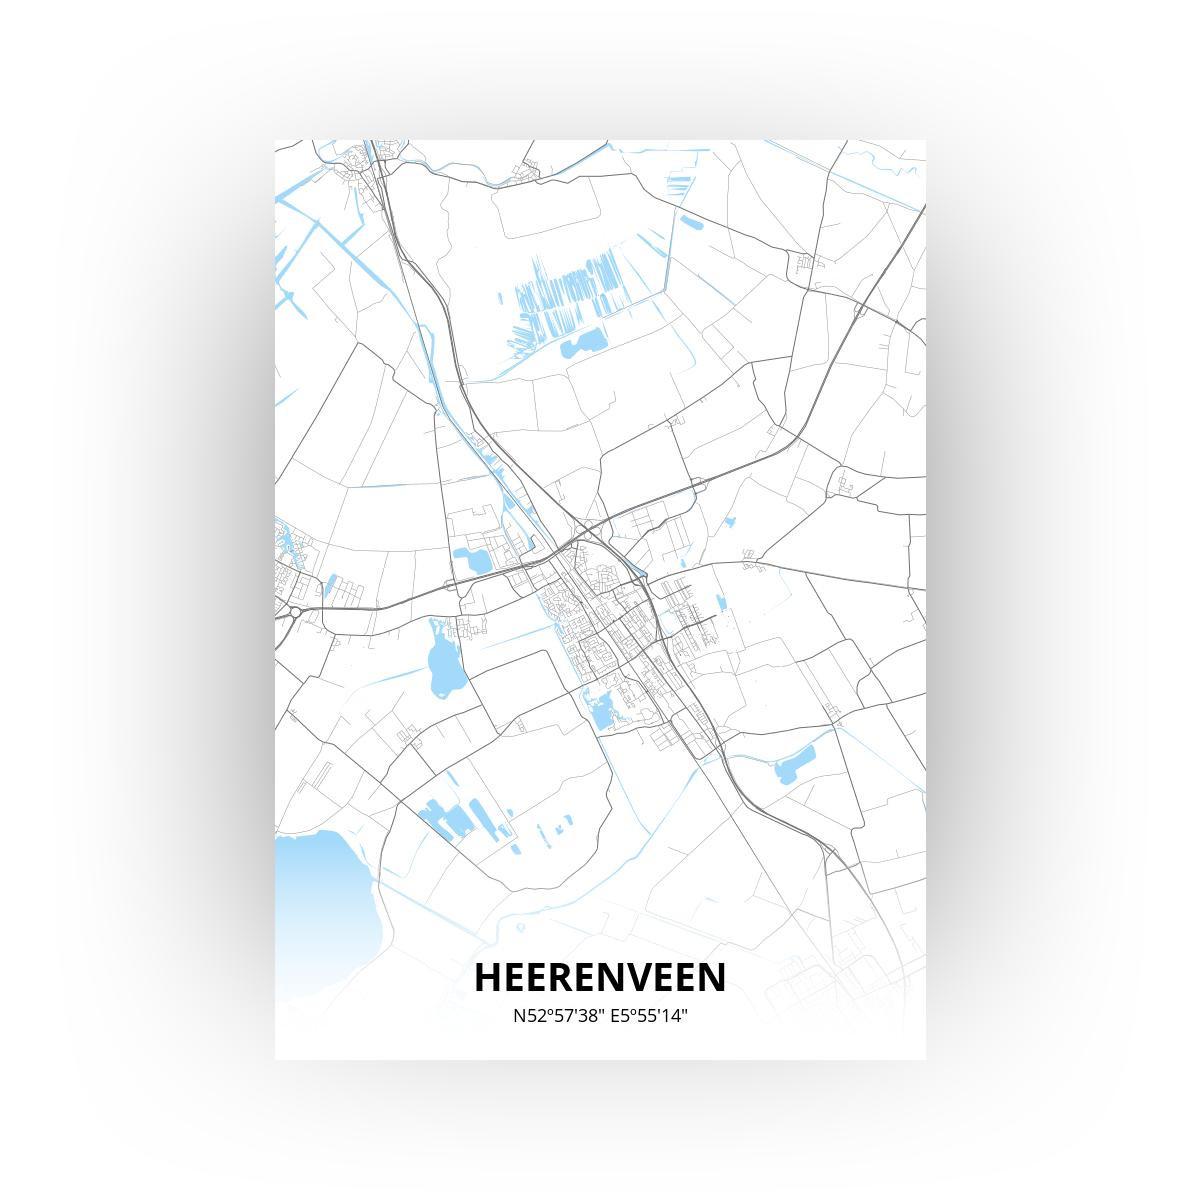 Heerenveen print - Standaard stijl